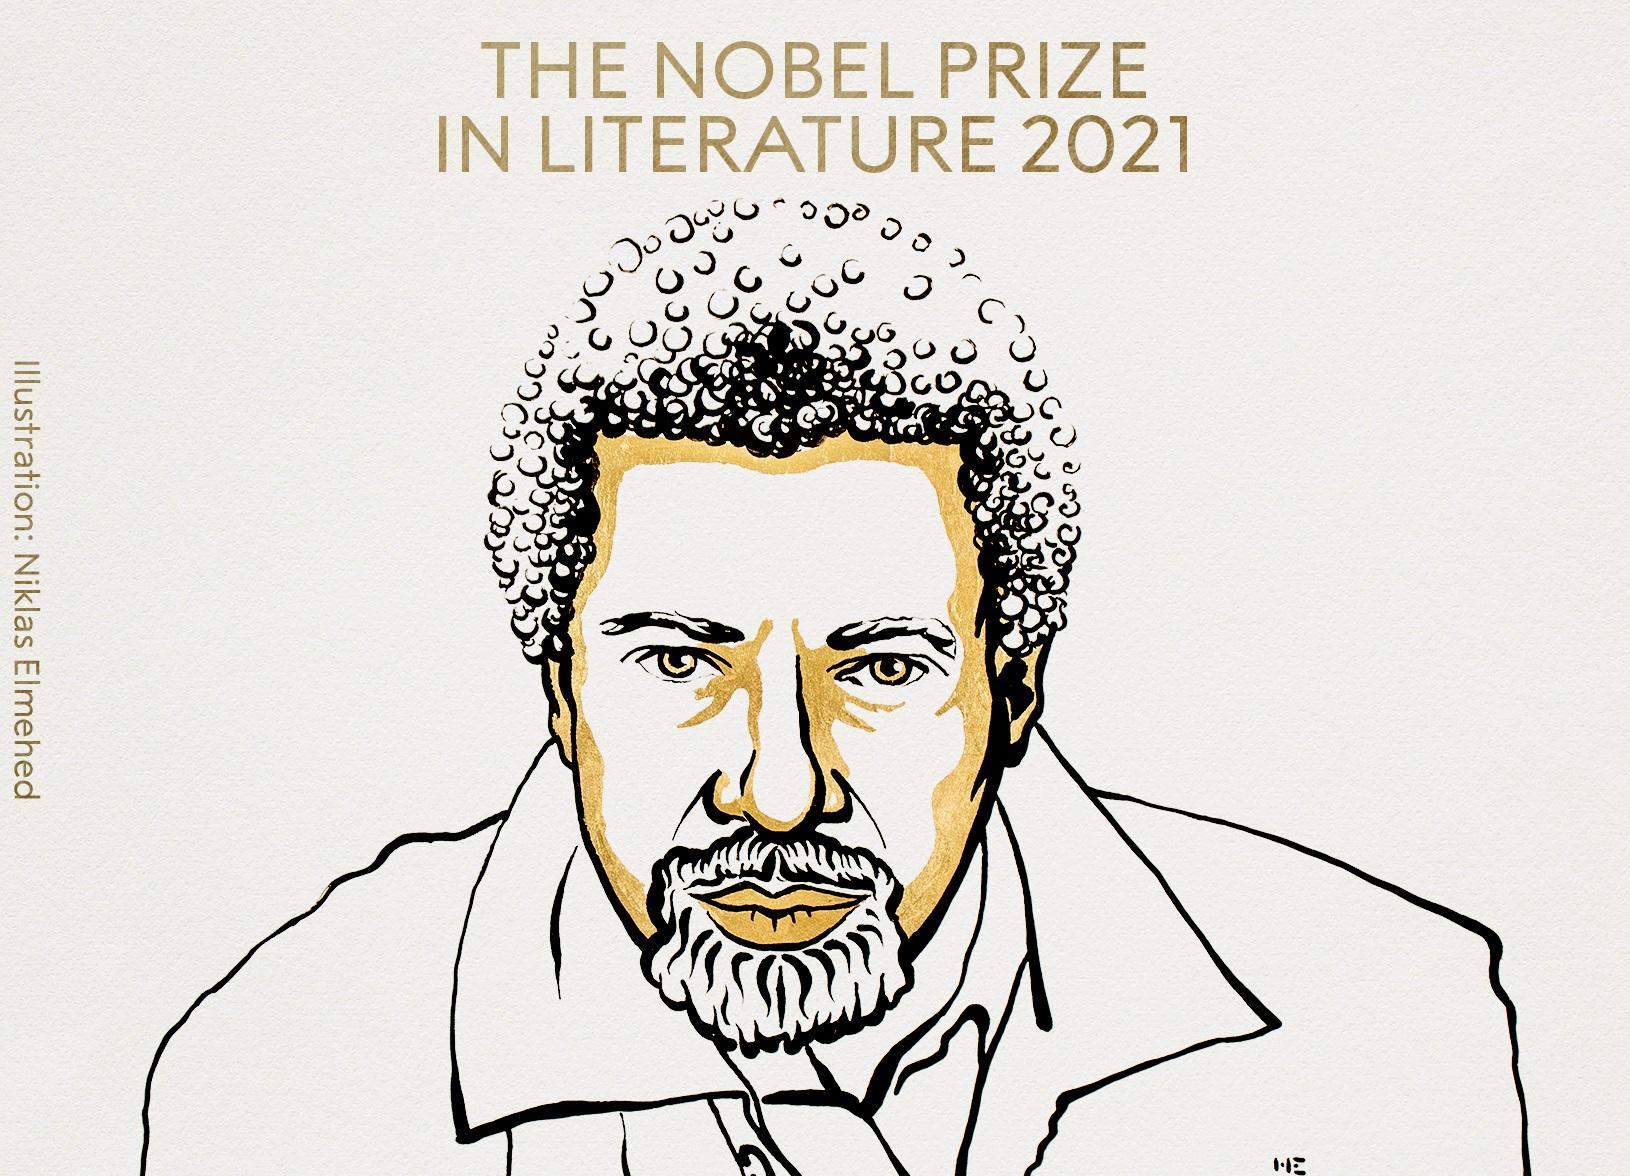 Гурна преподает в британском вузе и исследует творчество постколониальных писателей / twitter.com/NobelPrize